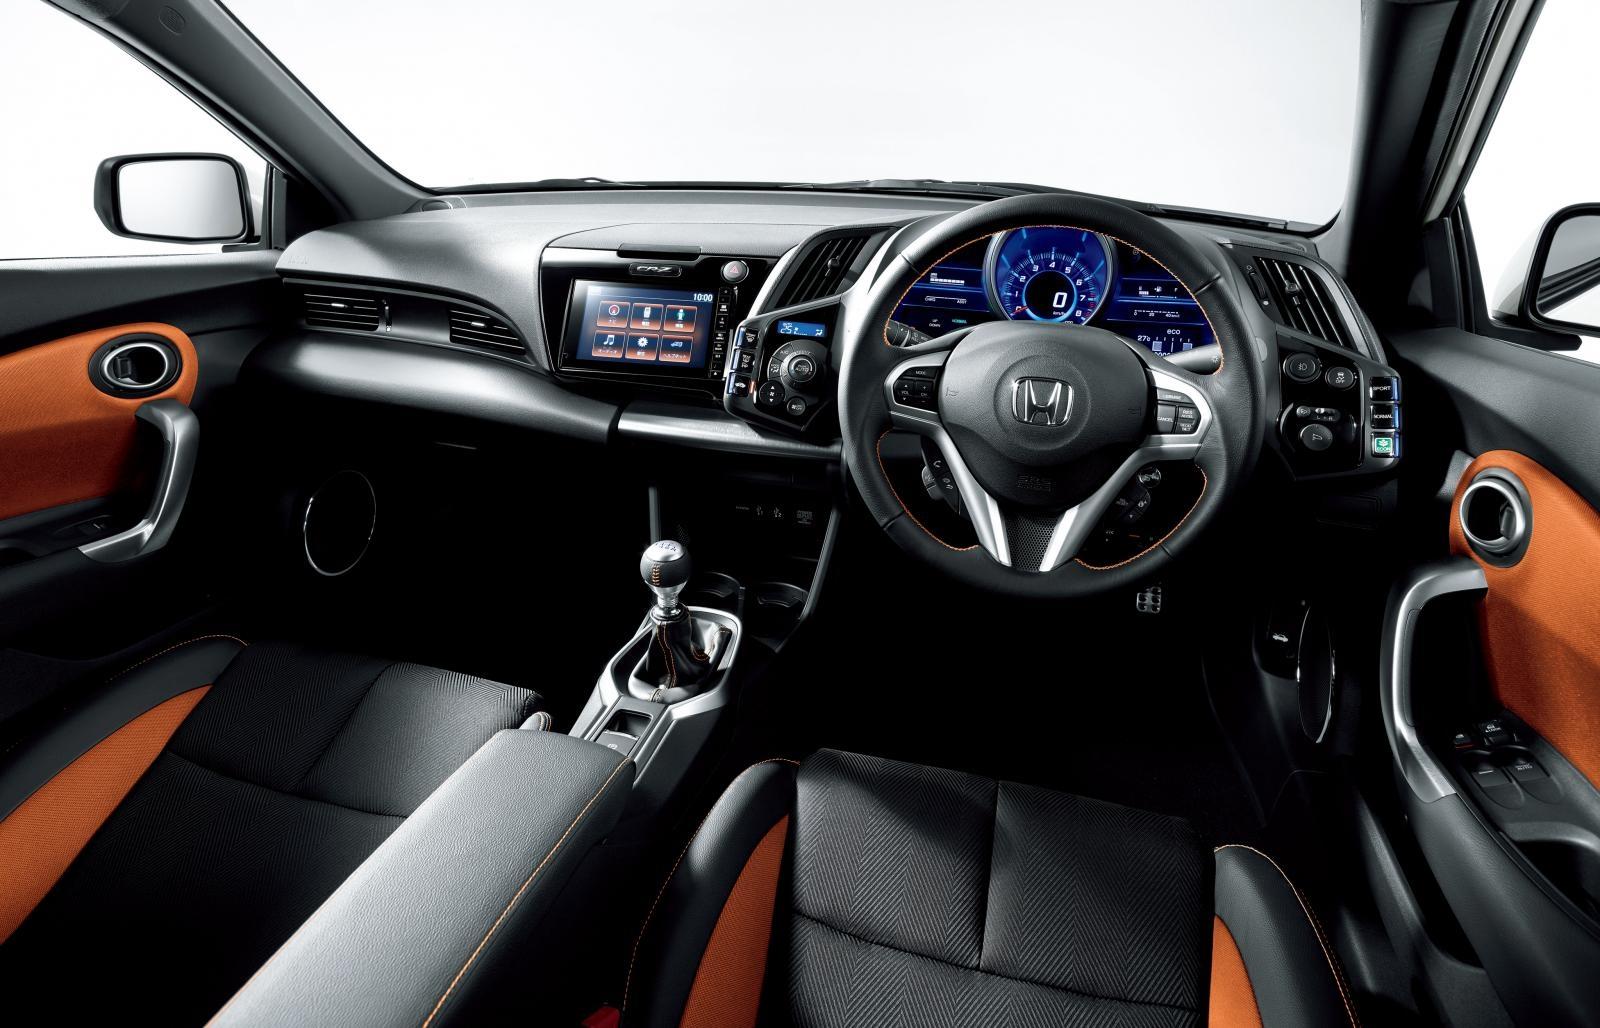 [Image: S0-Honda-officialise-le-restylage-du-CR-Z-360065.jpg]